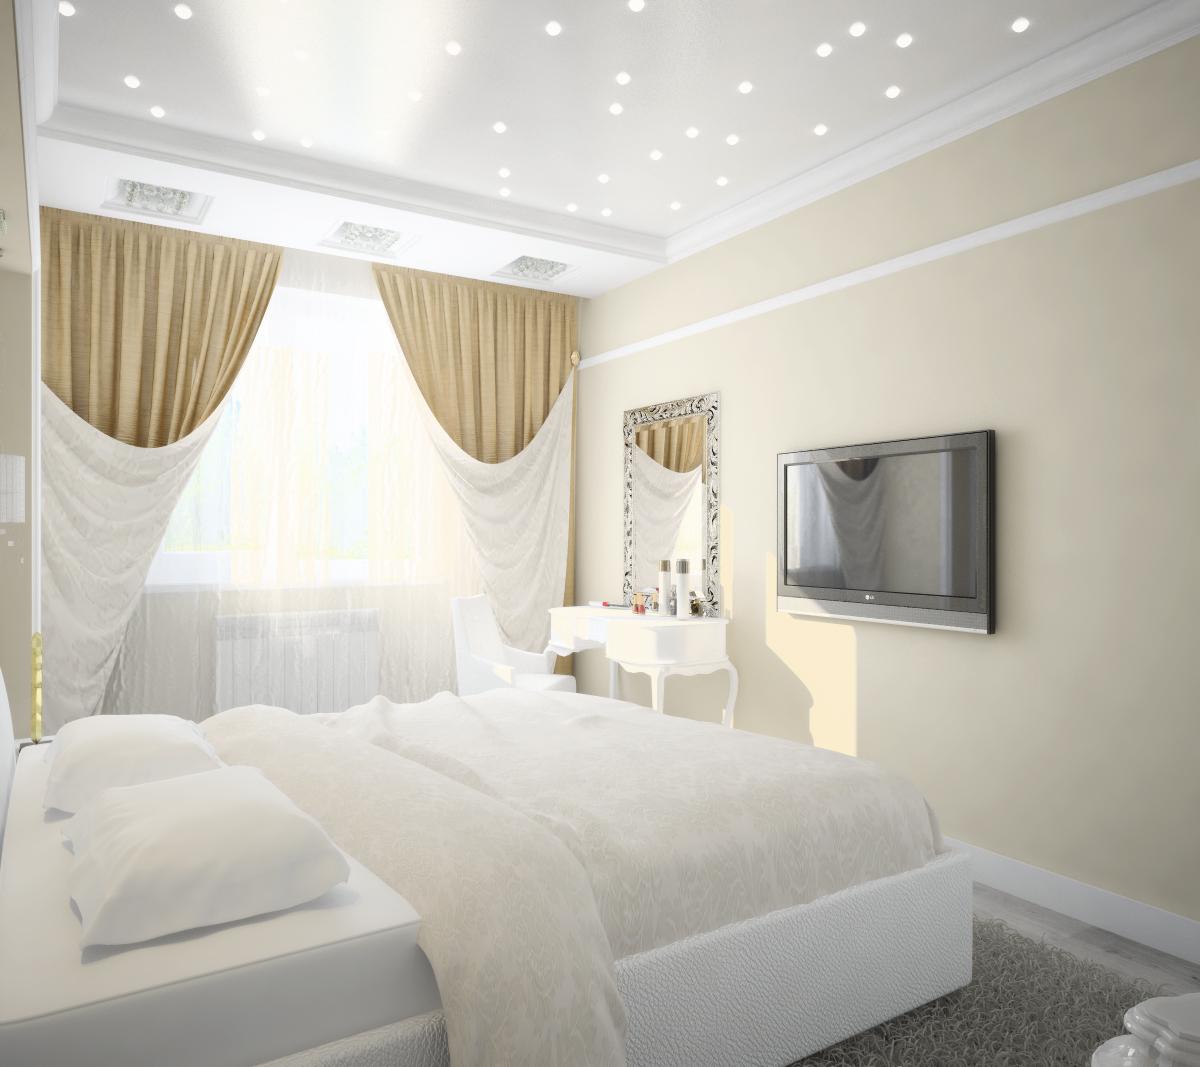 Фото спальни 5 на 5 в светлой цветовой гамме